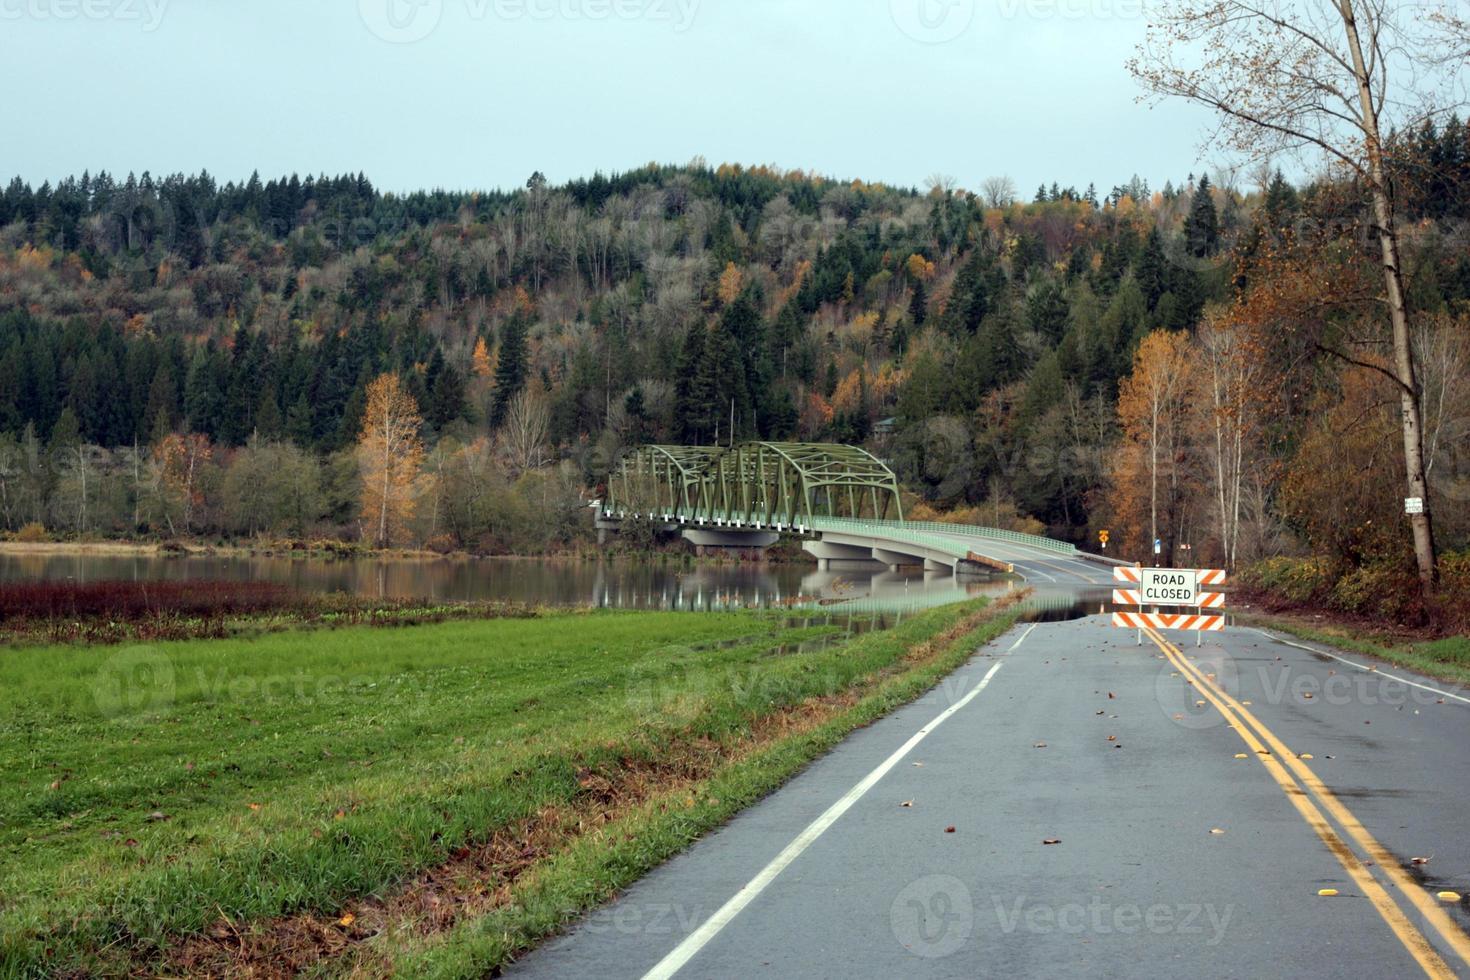 route fermée en raison d'inondations mineures photo